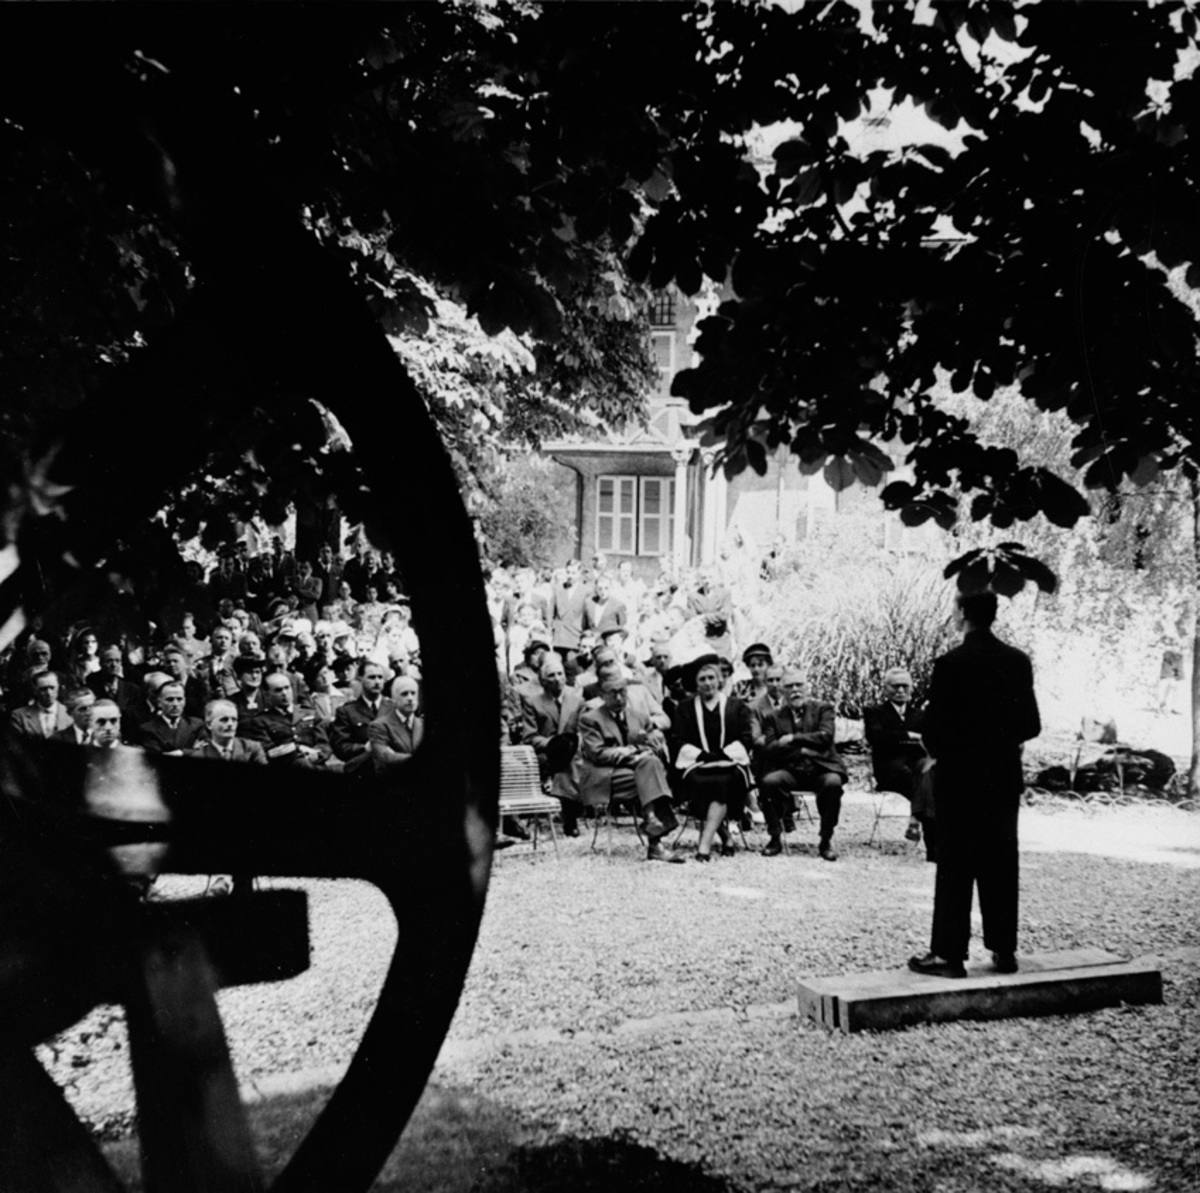 Présentation de la maquette du monument de Villard-Bonnot Photographie